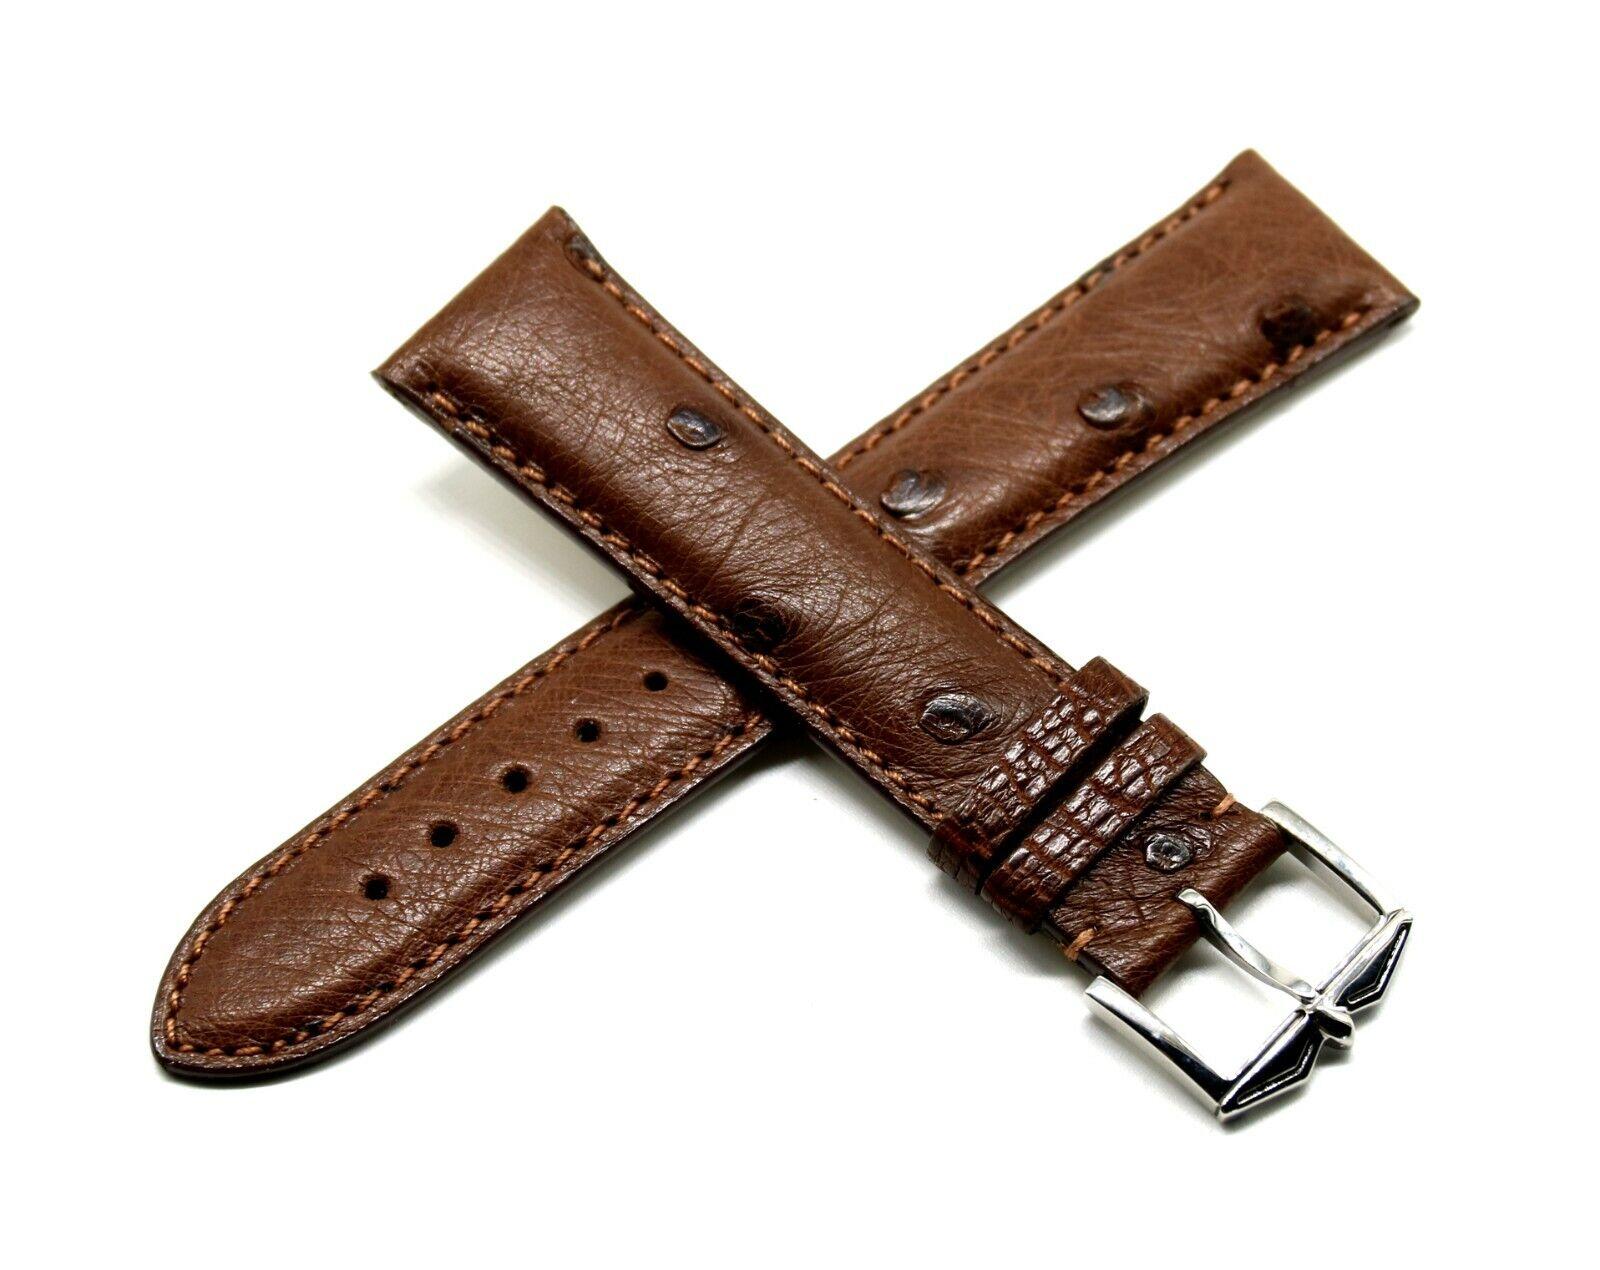 Rotary 21 mm Echt Straußenleder Uhrenarmband Braun mit Edelstahl Dornschliesse